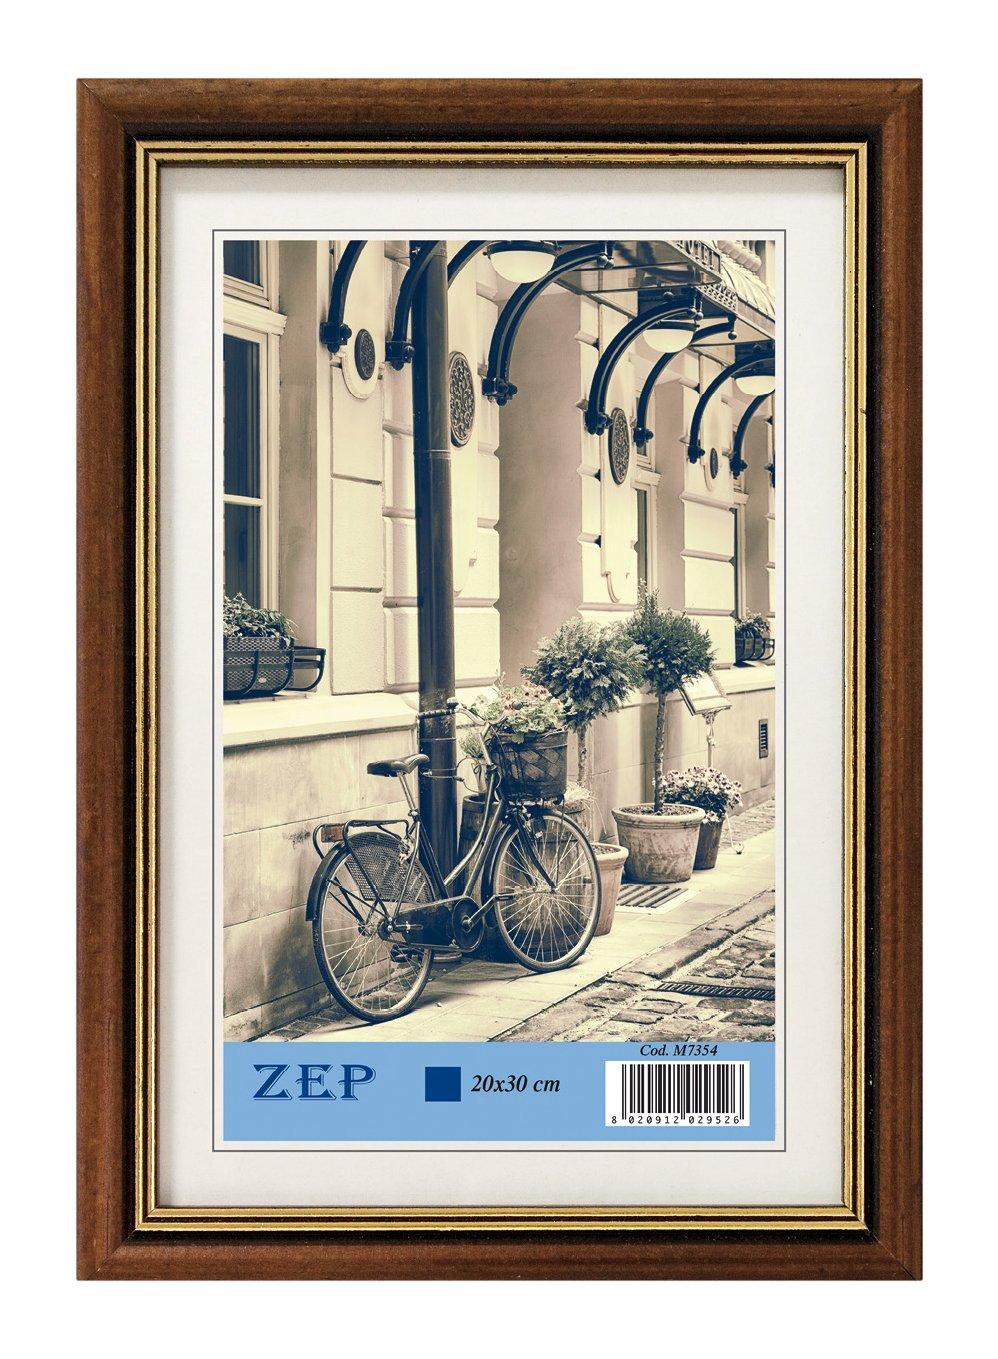 Zep S.r.l Wood Picture Frame 10 x 15 cm: Amazon.de: Küche & Haushalt